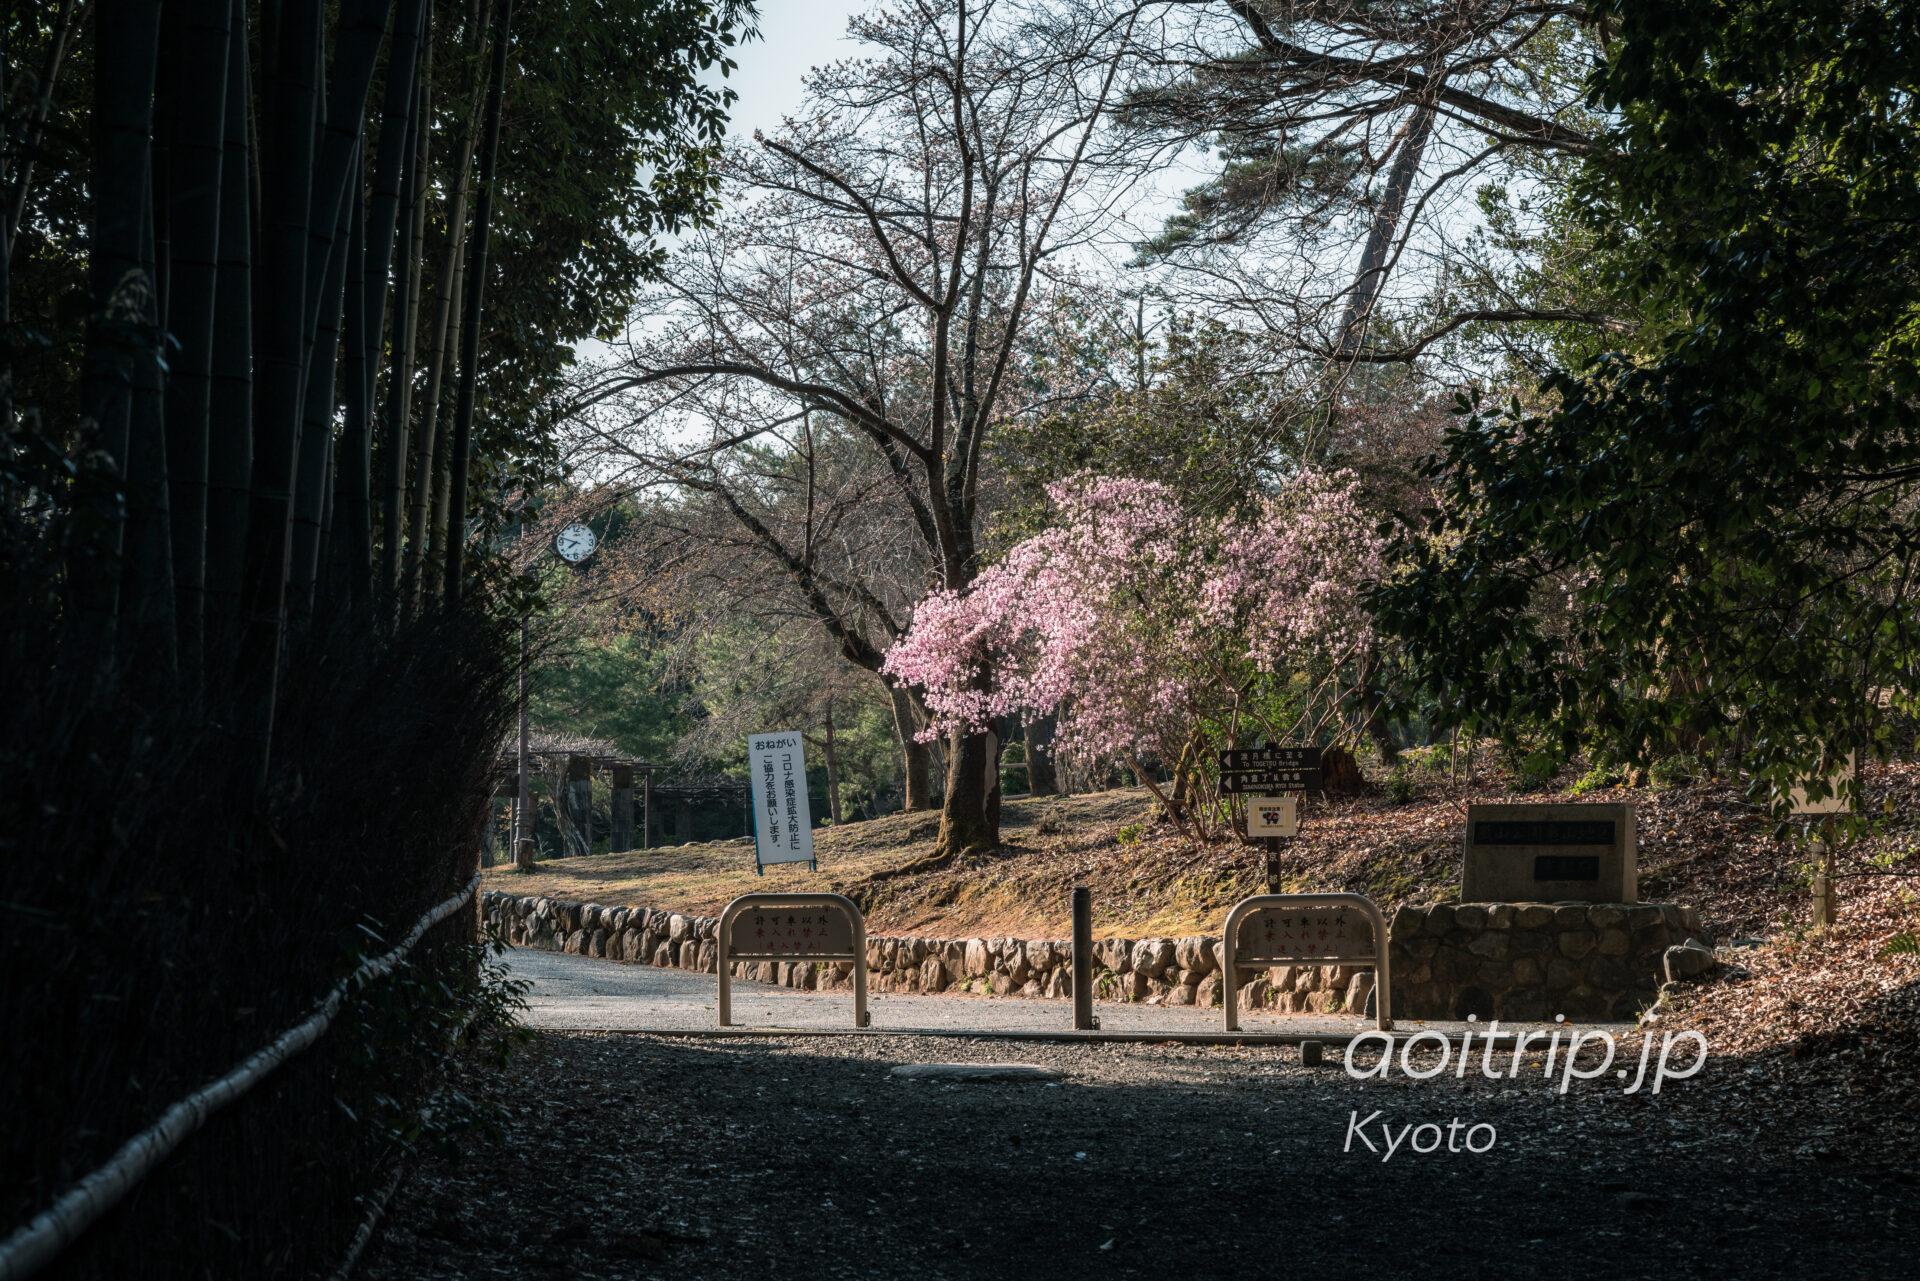 京都嵐山 亀山地区の桜